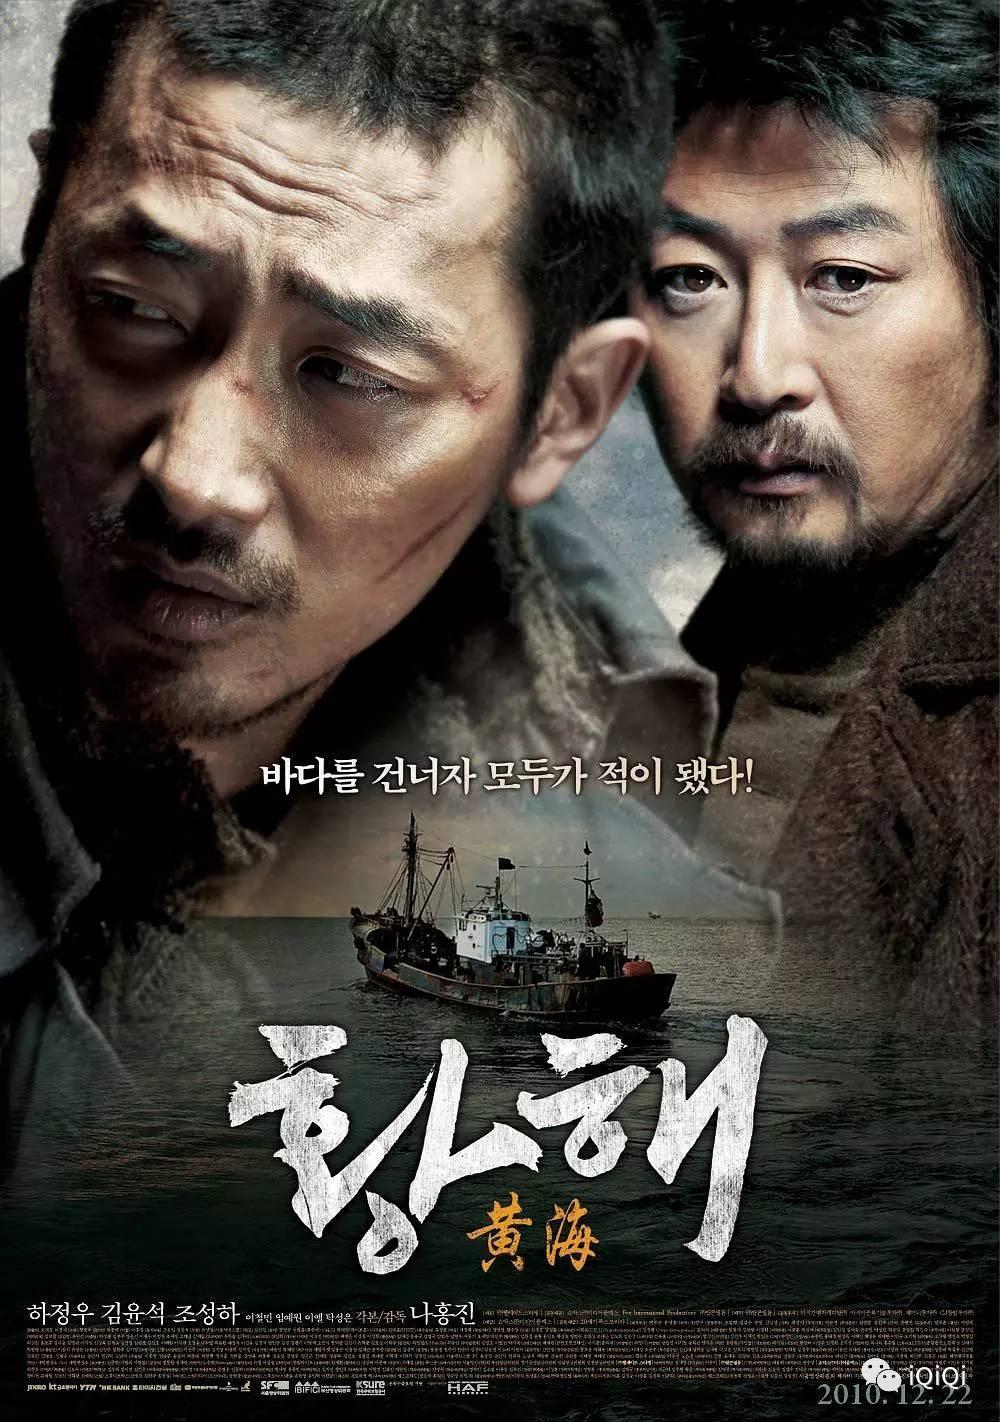 十部男人必看的韩国黑帮电影!-iQiQi